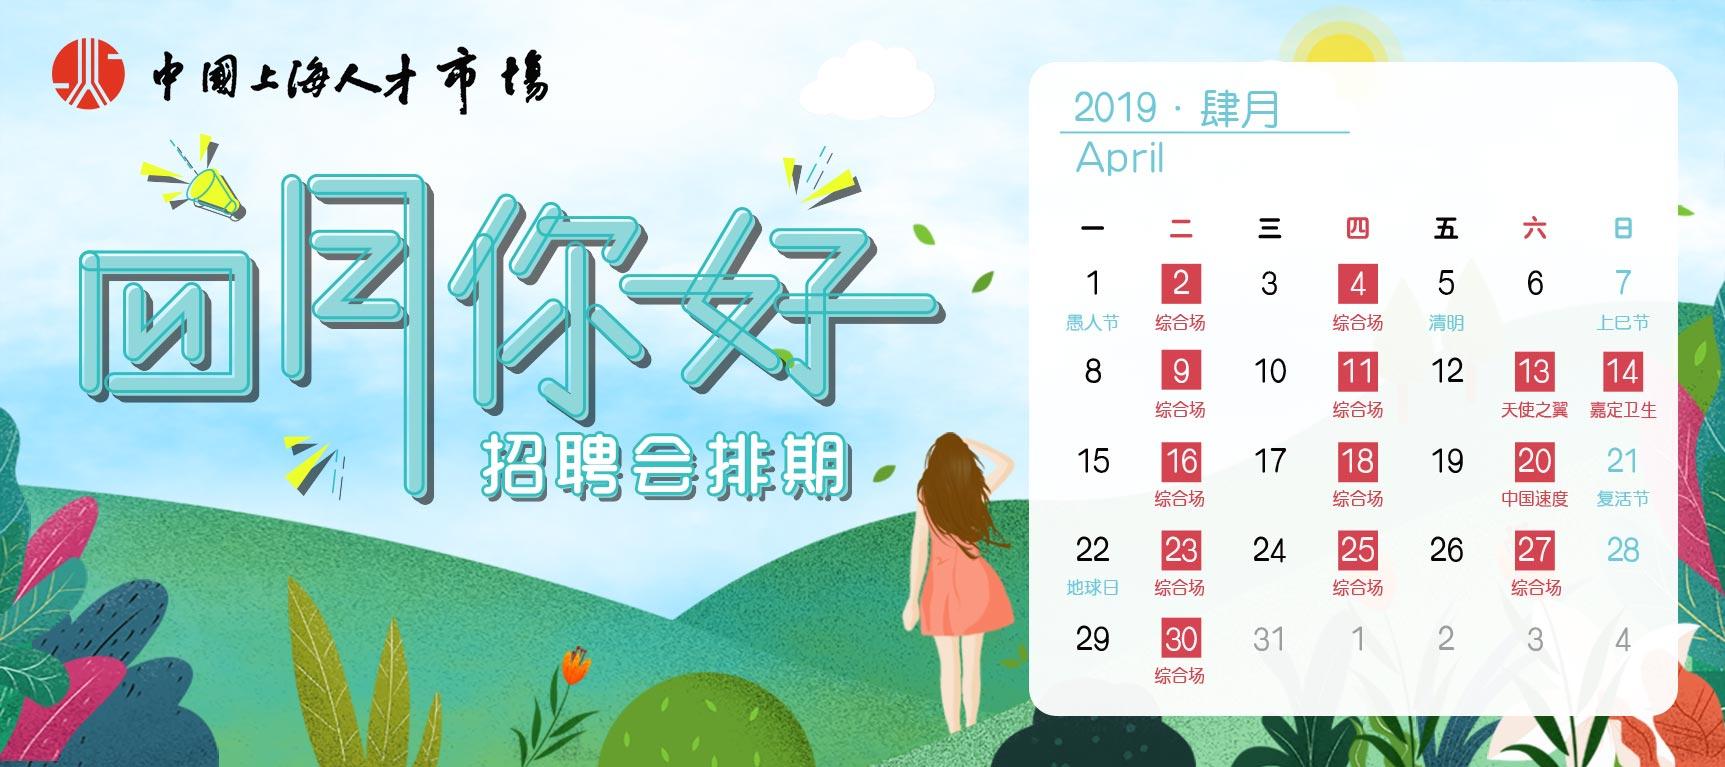 中国上海人才市场四月招聘会排期预告